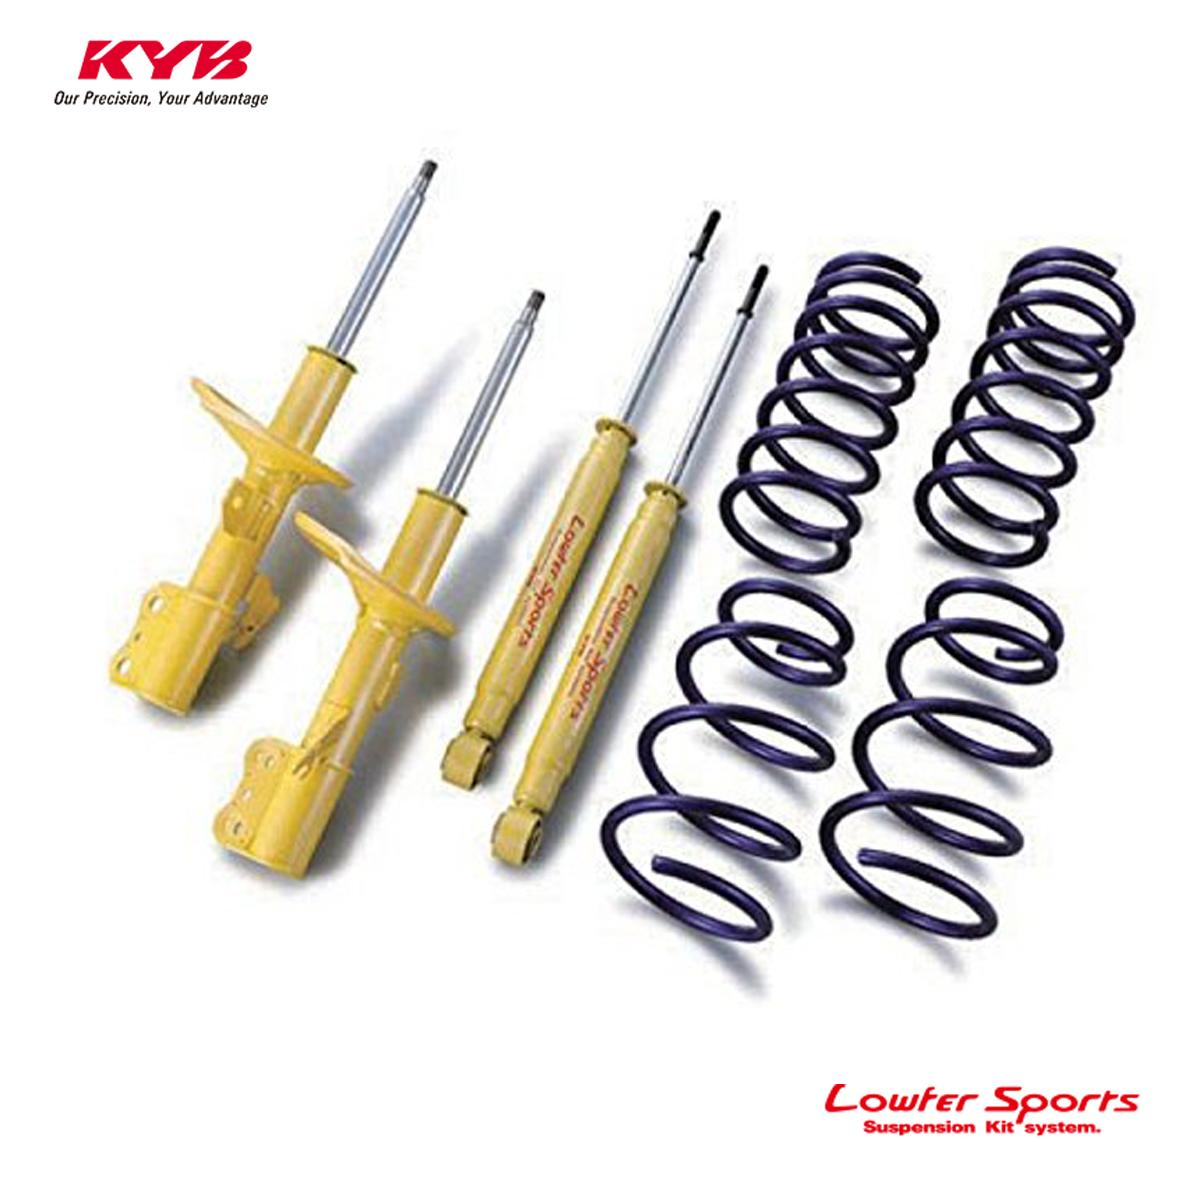 KYB カヤバ エスティマ TCR10W ショックアブソーバー サスペンションキット Lowfer Sports LKIT-TCR10W 配送先条件有り